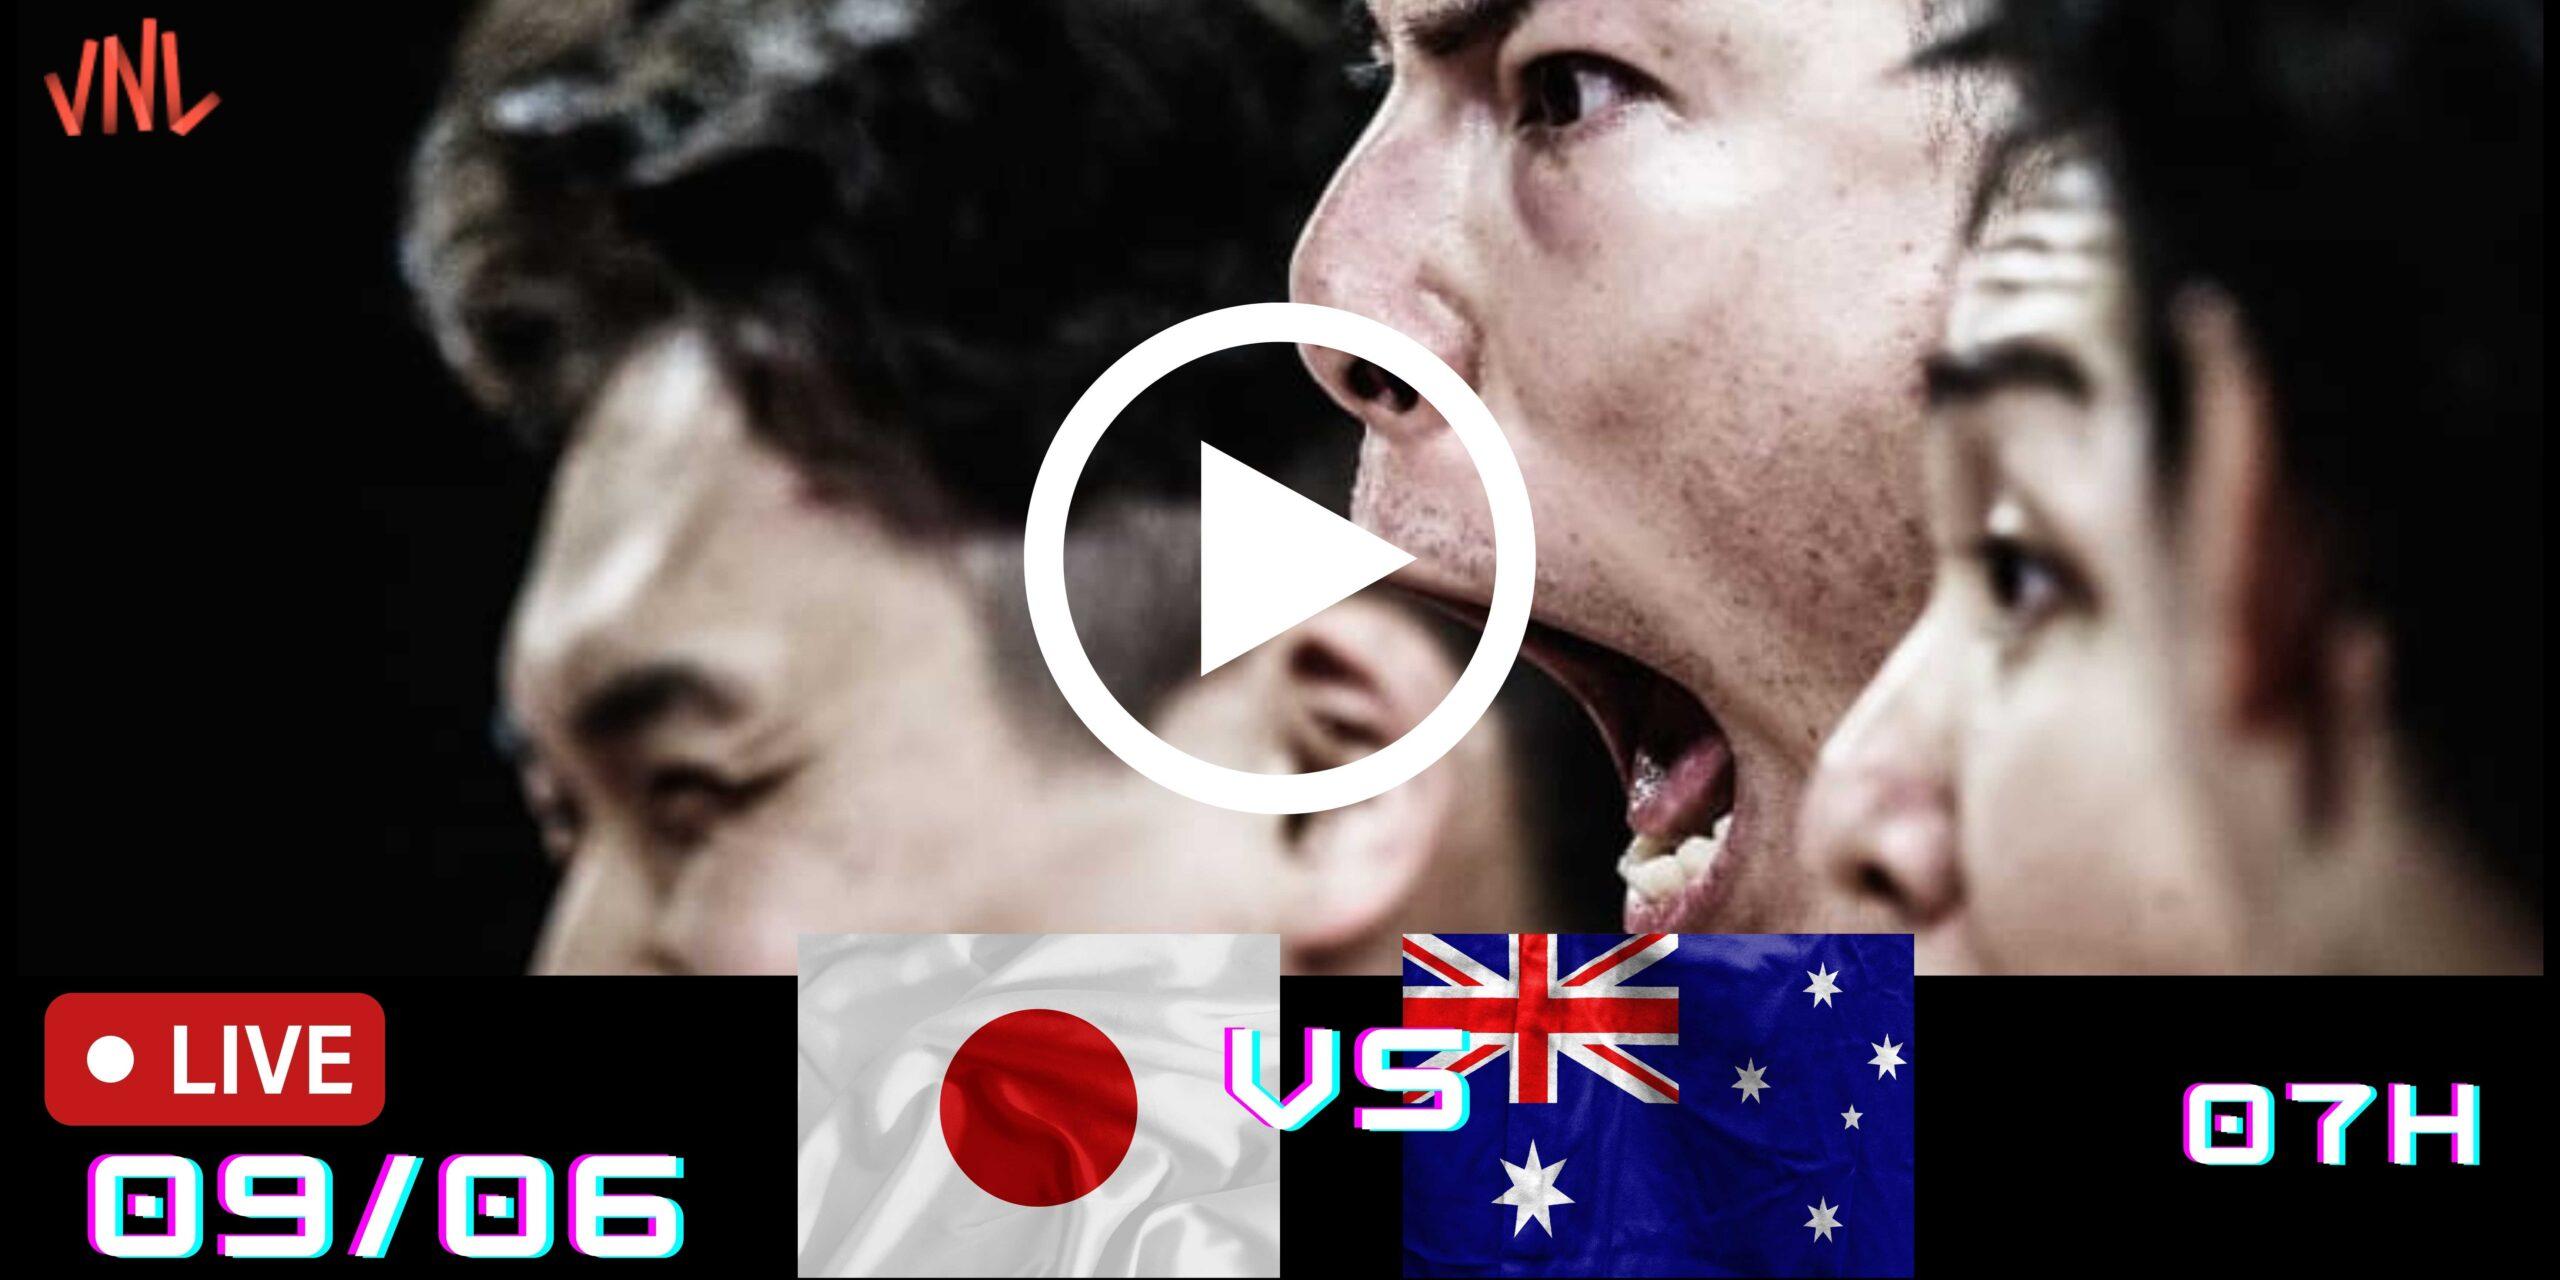 Resultado: Japão 3 vs 1 Austrália – Liga das Nações – 09/06/2021